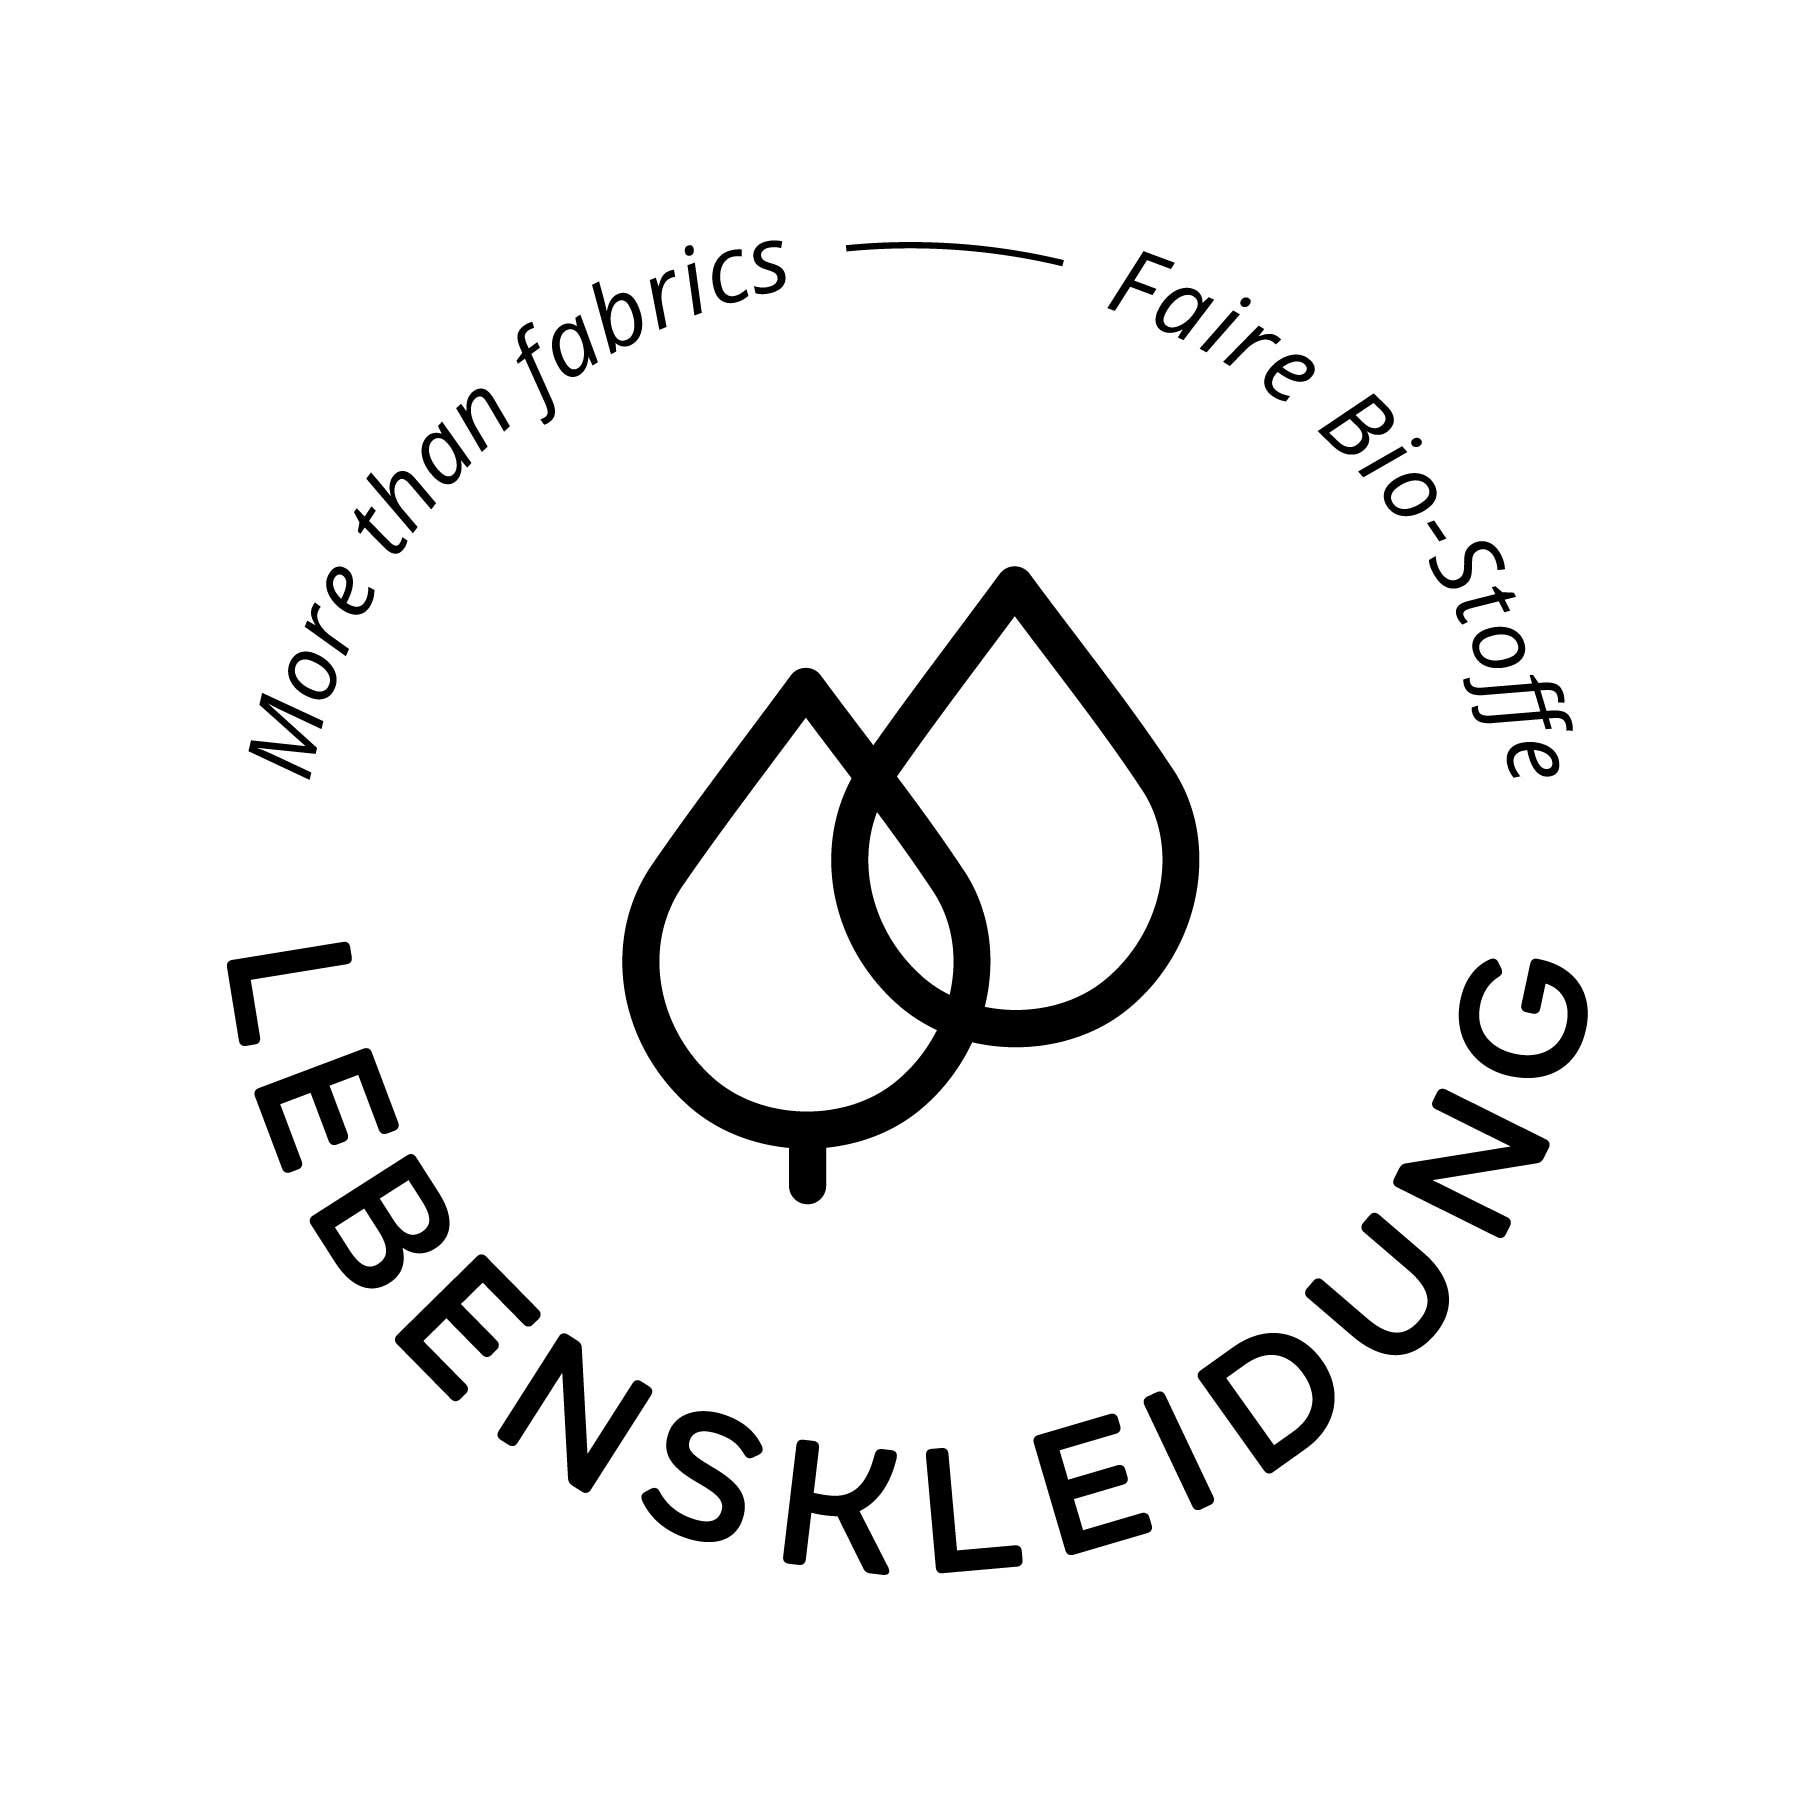 Bio Tessuto di RIB 2x1 (Polsino) - Smeraldo-1